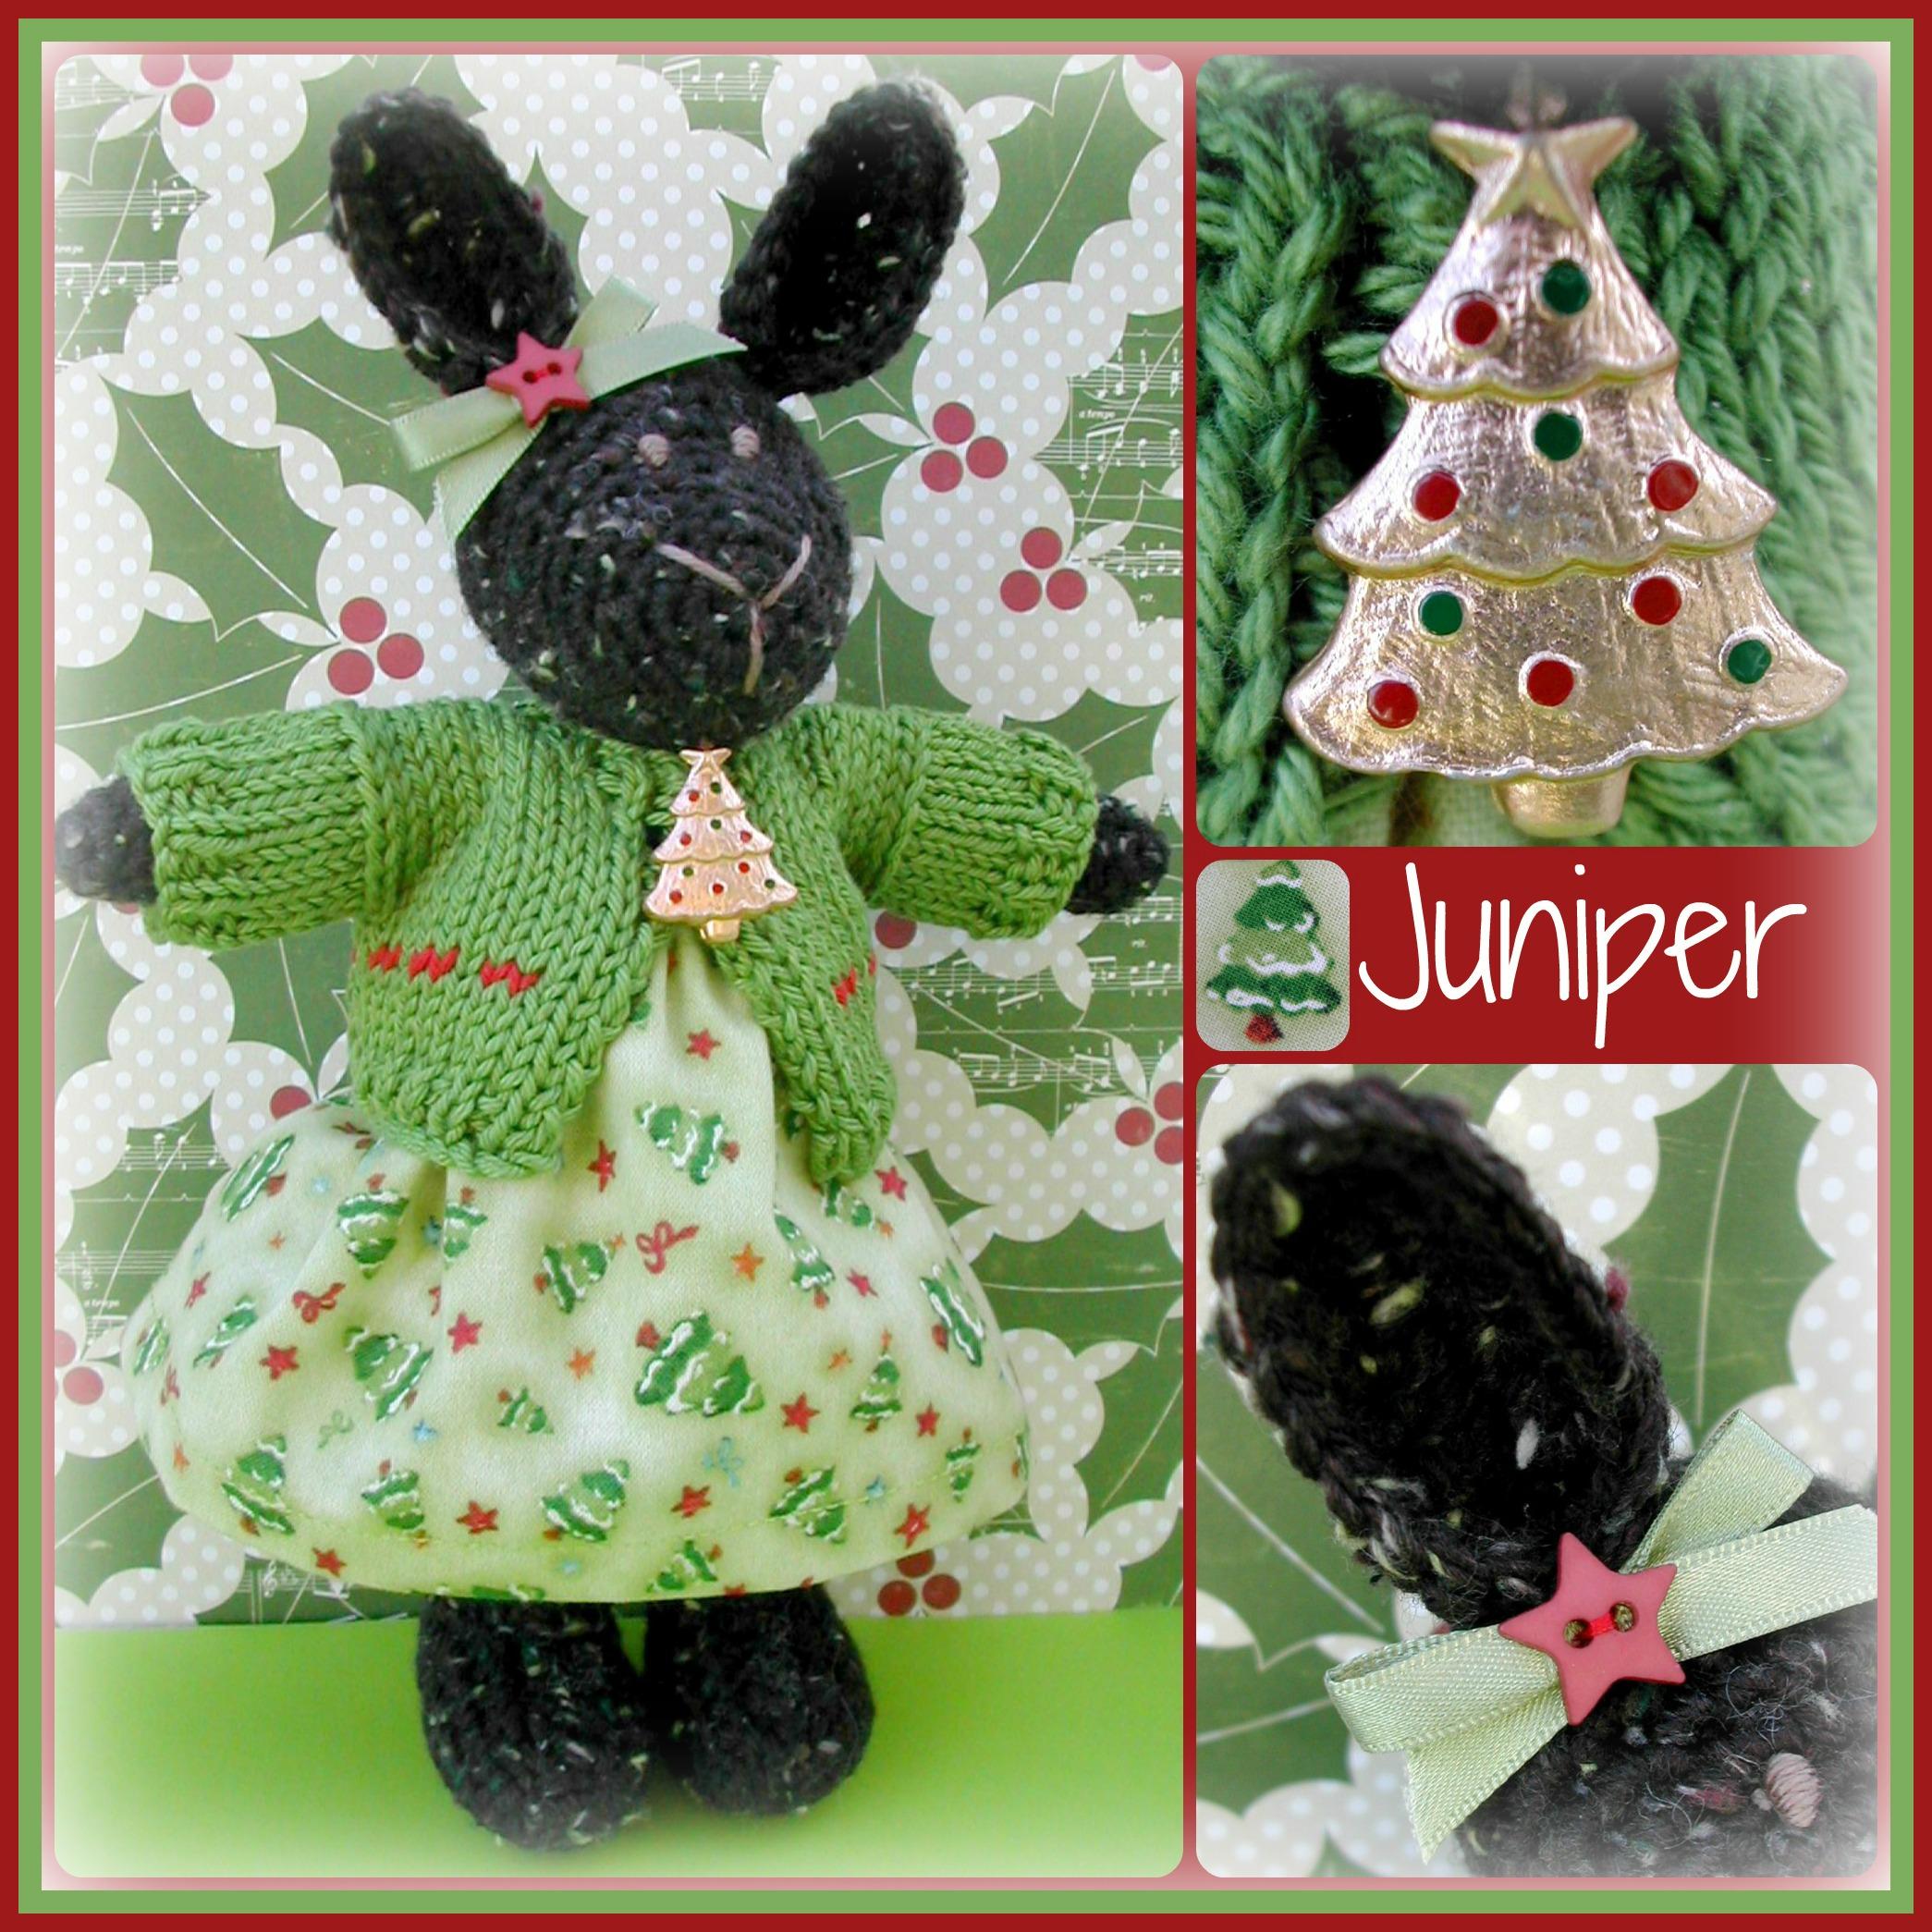 Juniper Collage